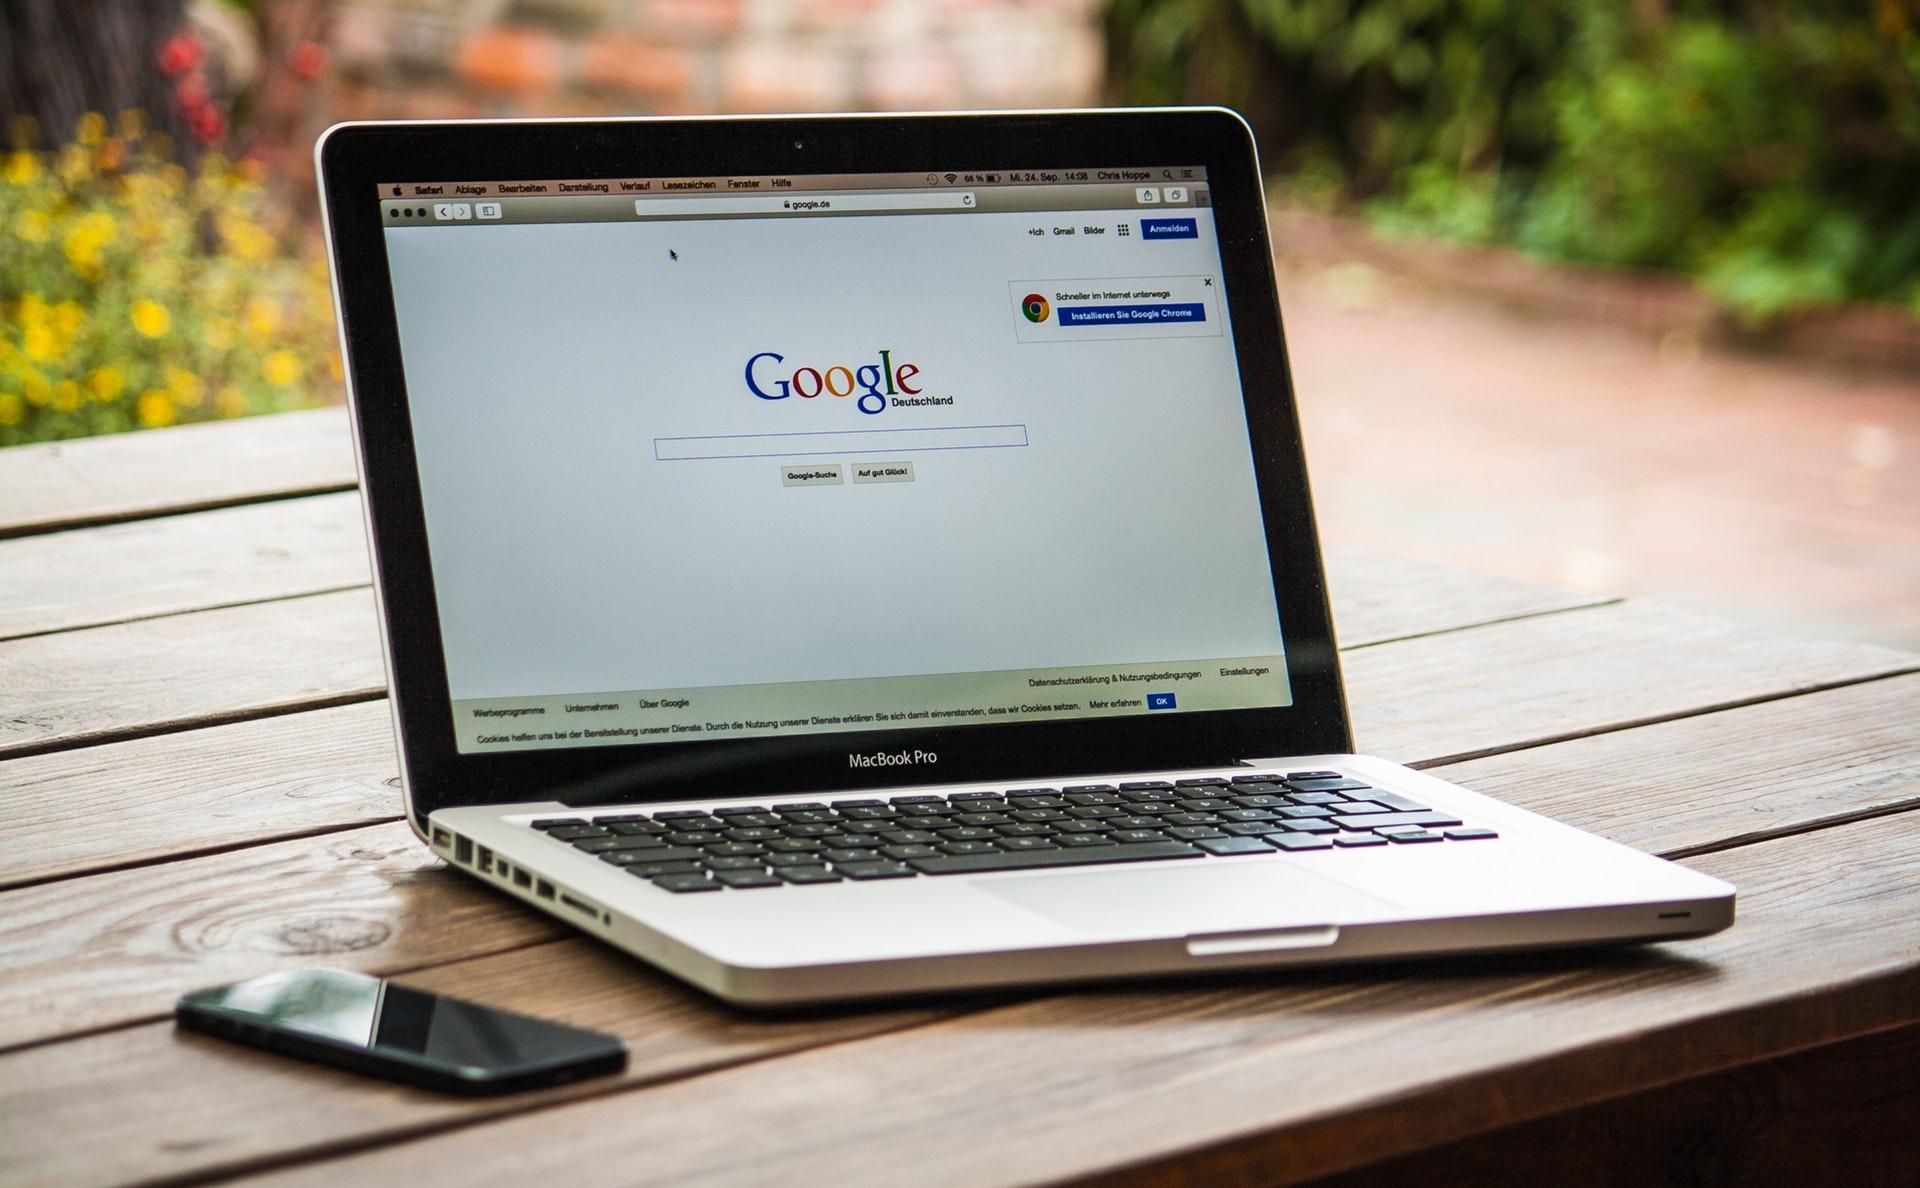 Le parole più cercate su Google nel 2018